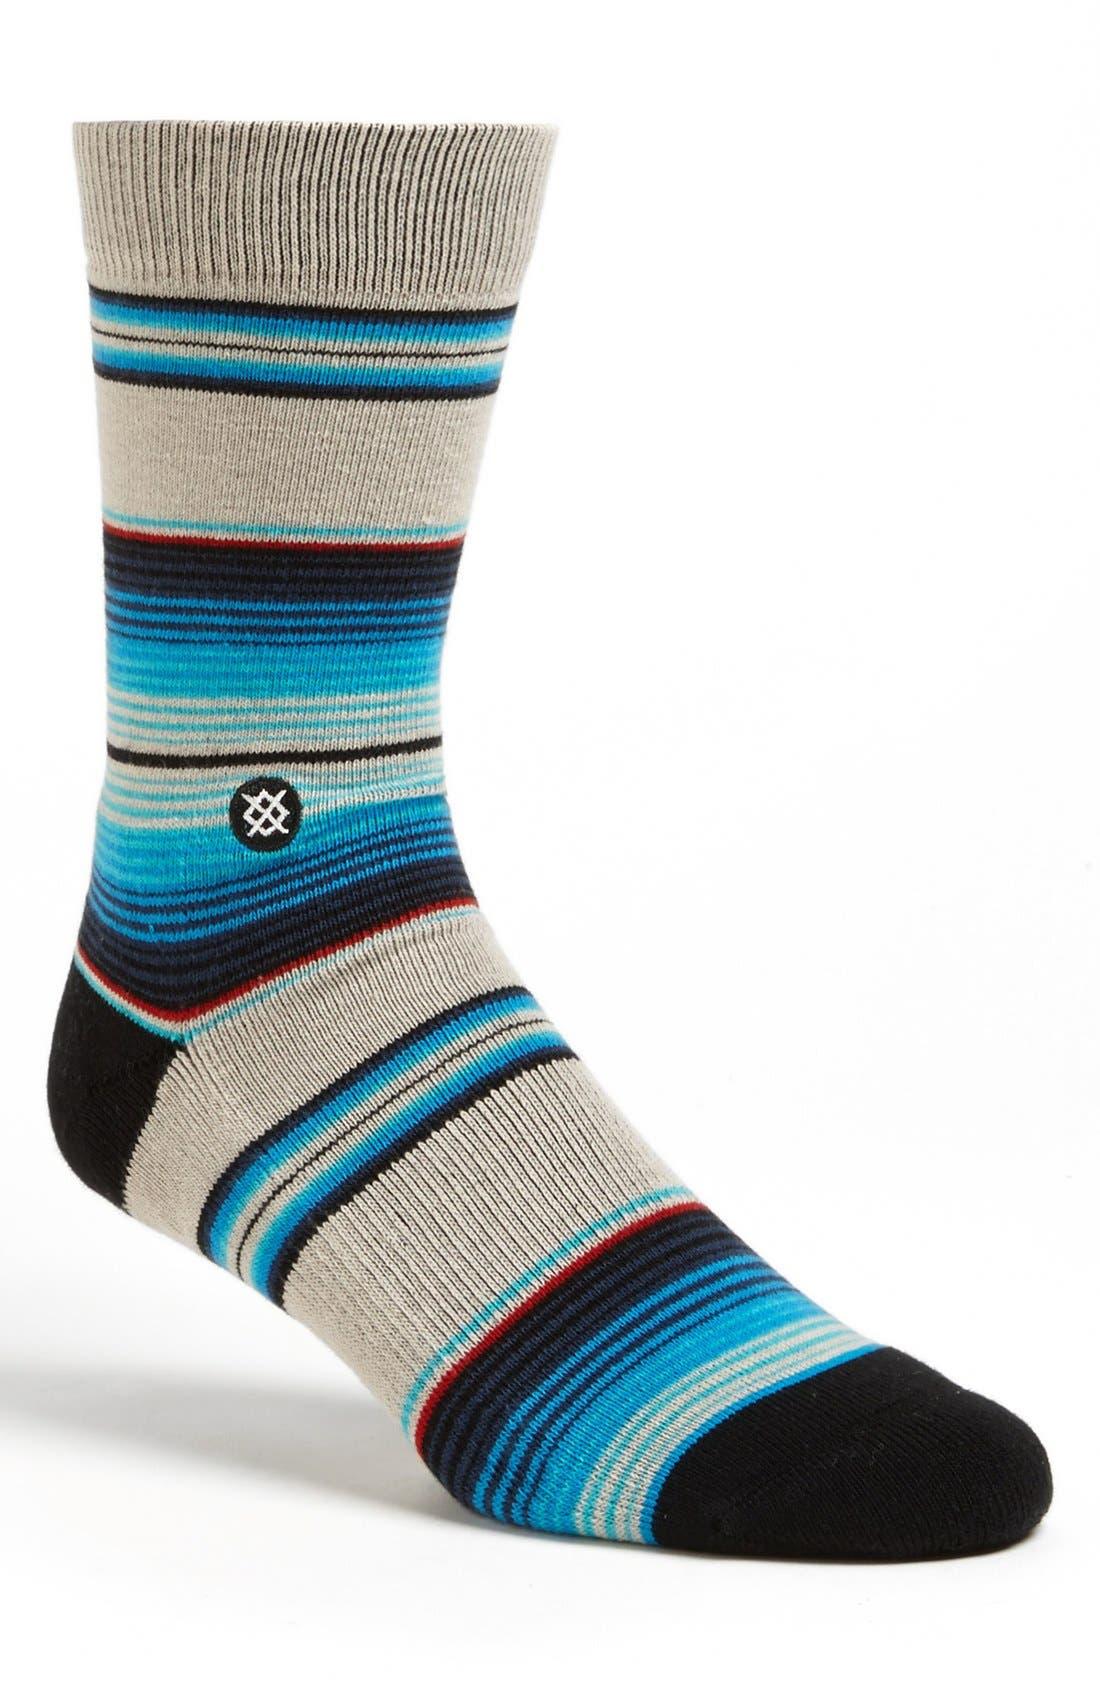 Main Image - Stance 'Salina Cruz' Socks